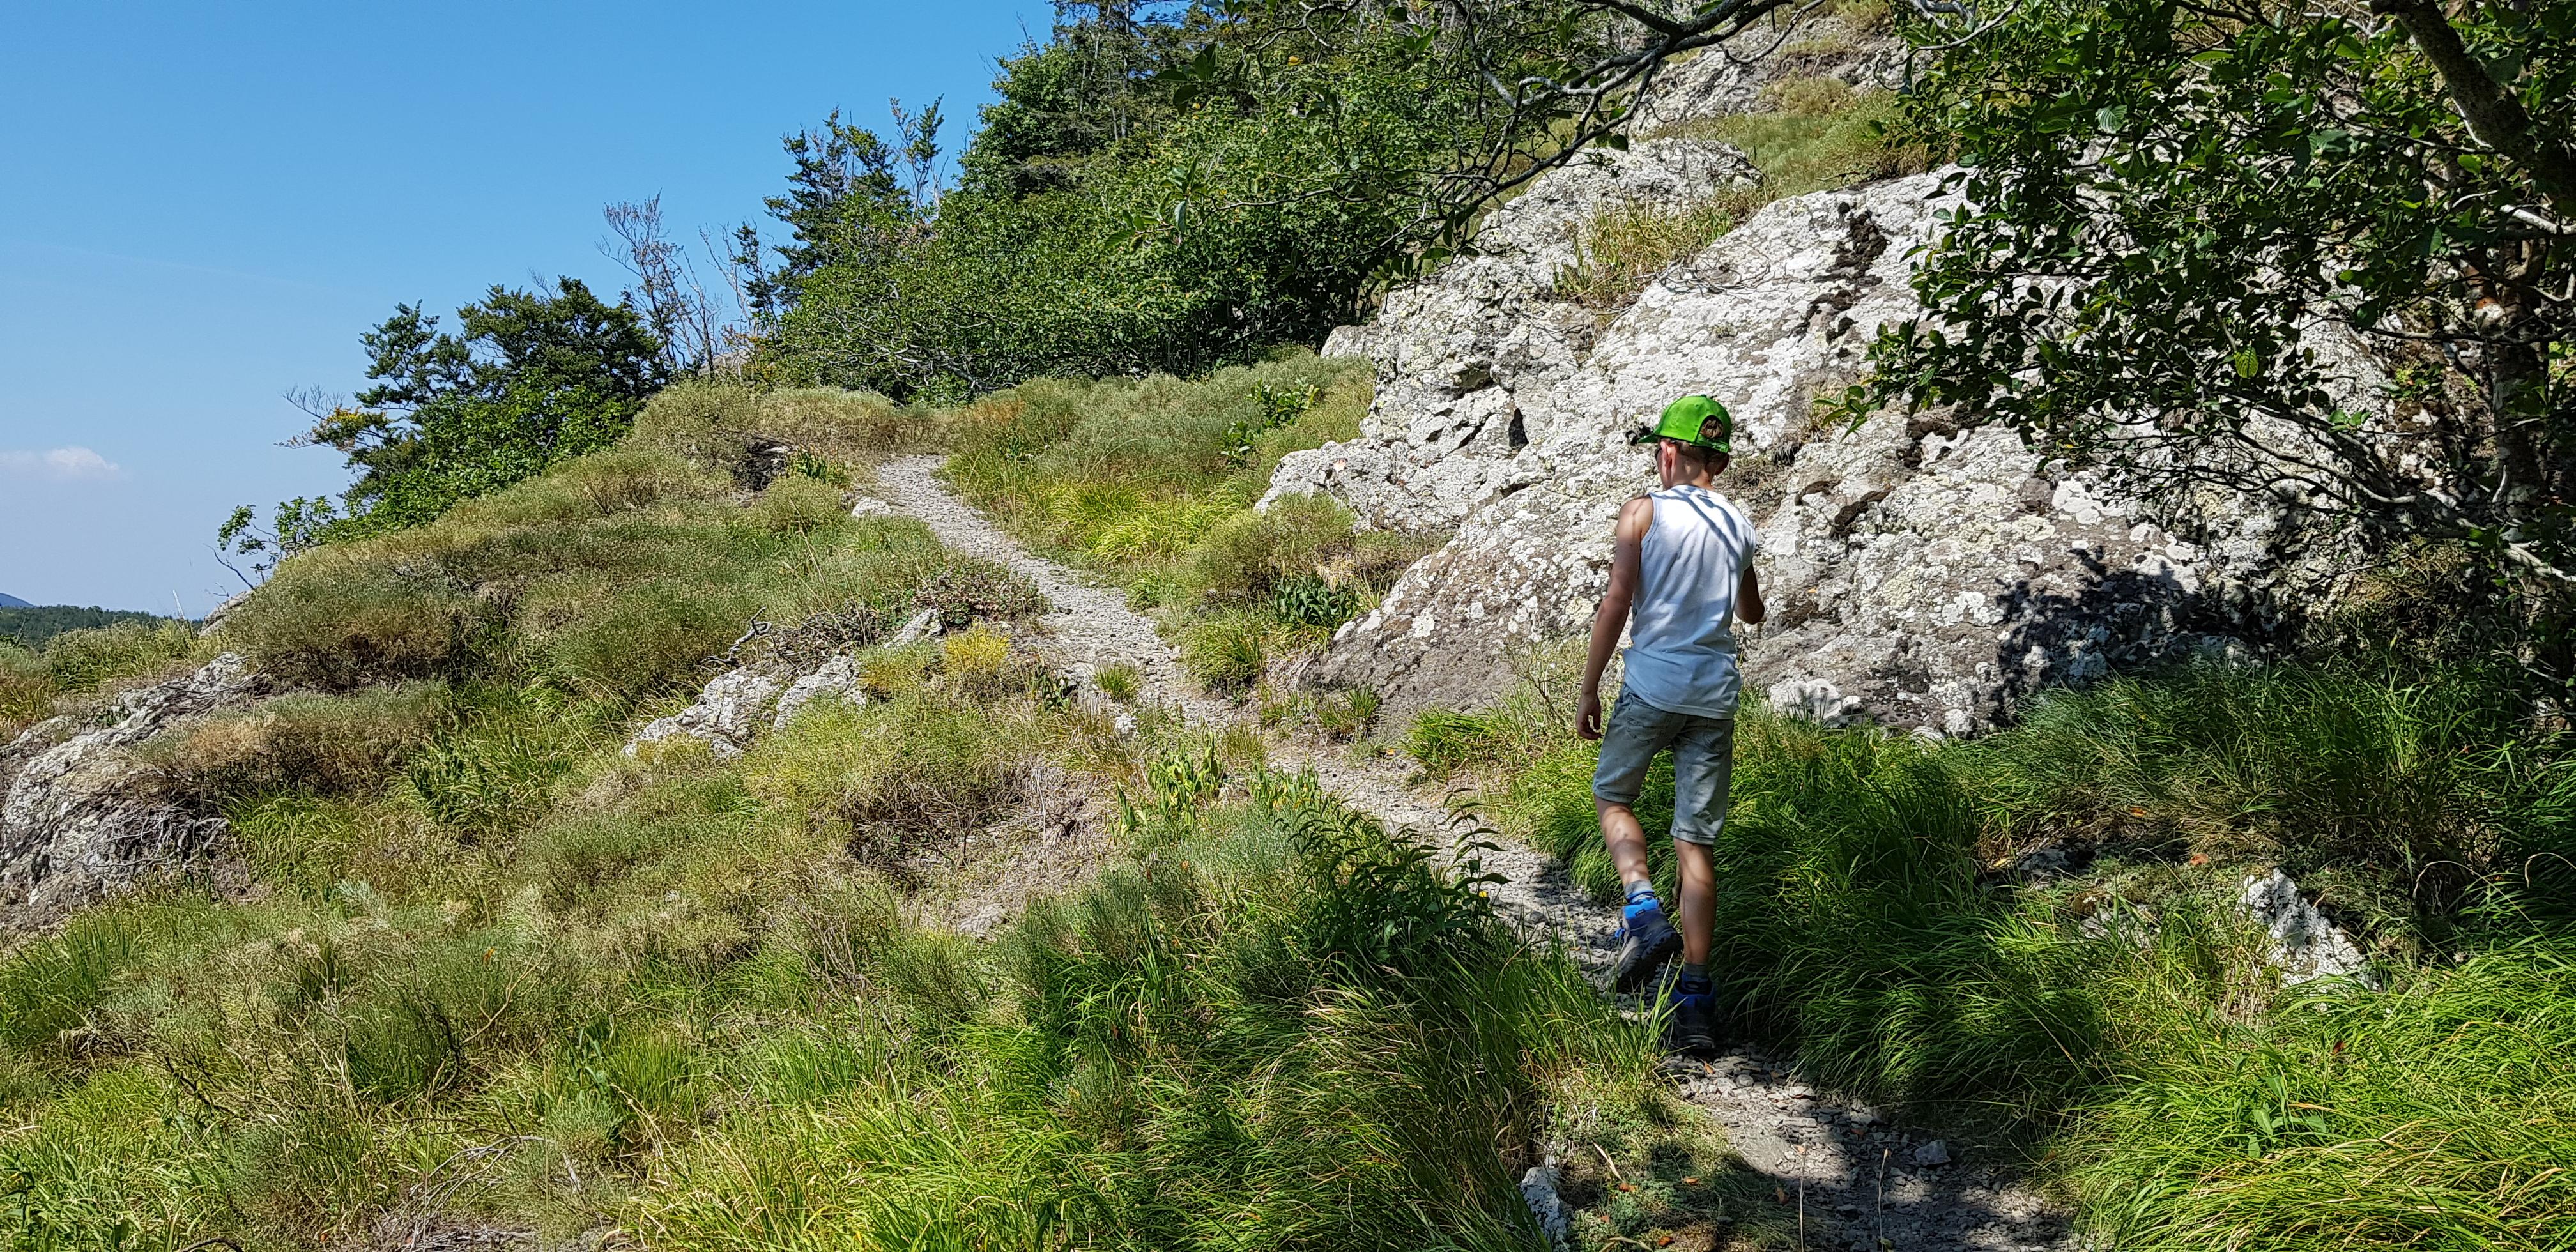 De uitgestrekte Apennijnen bieden veel wandelmogelijkheden.